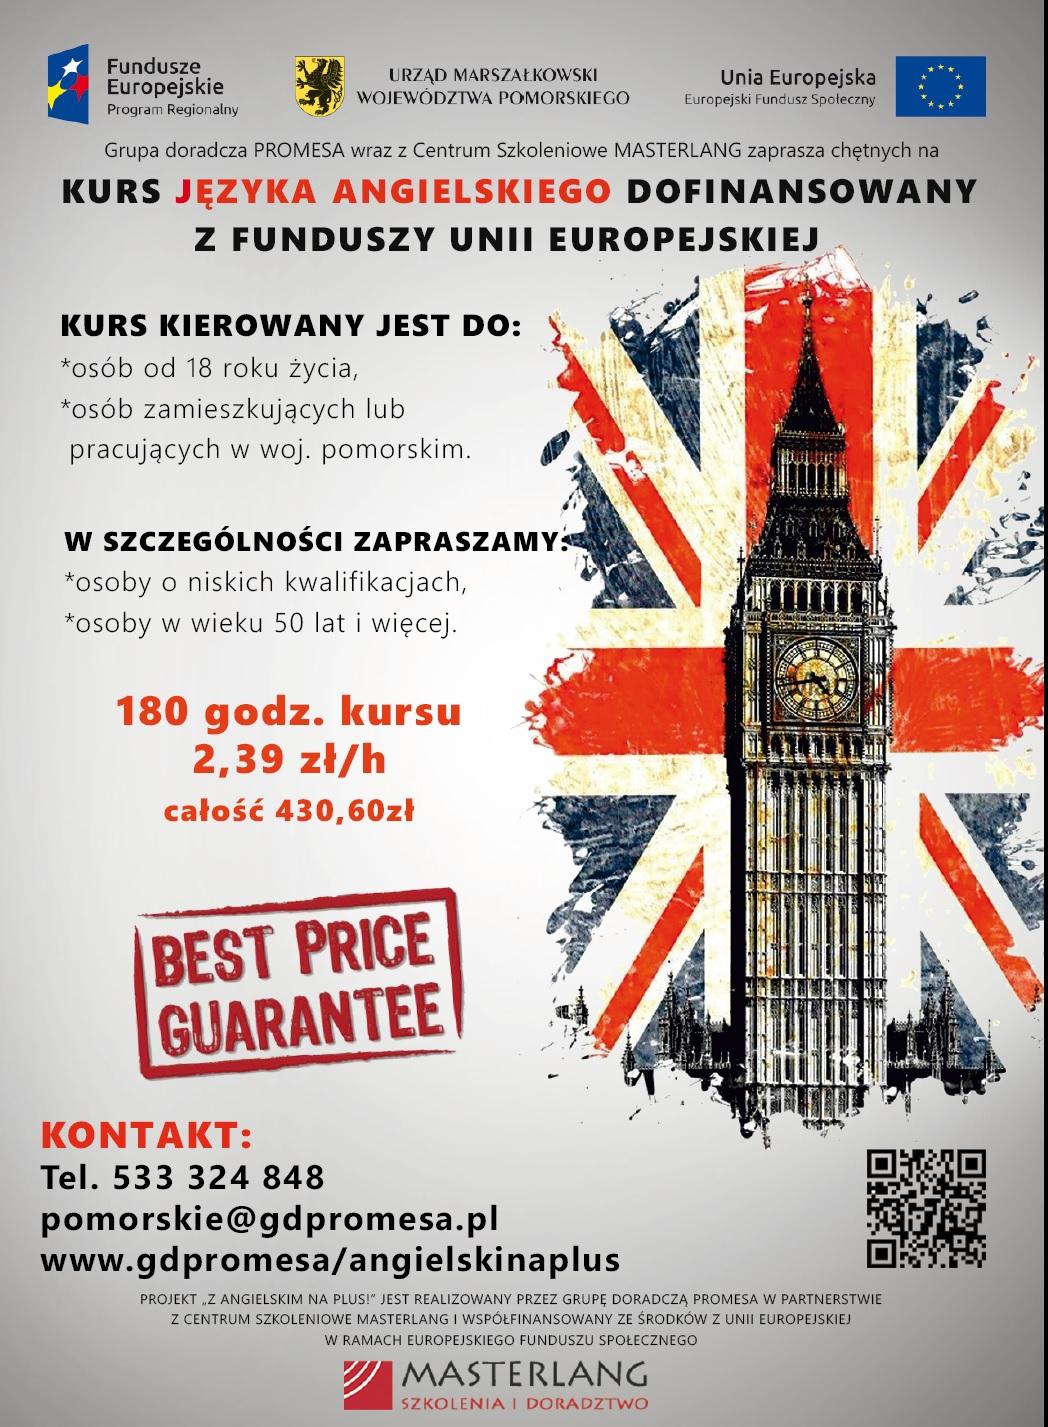 Kurs Języka Angielskiego Dofinansowany Z Funduszy Unii